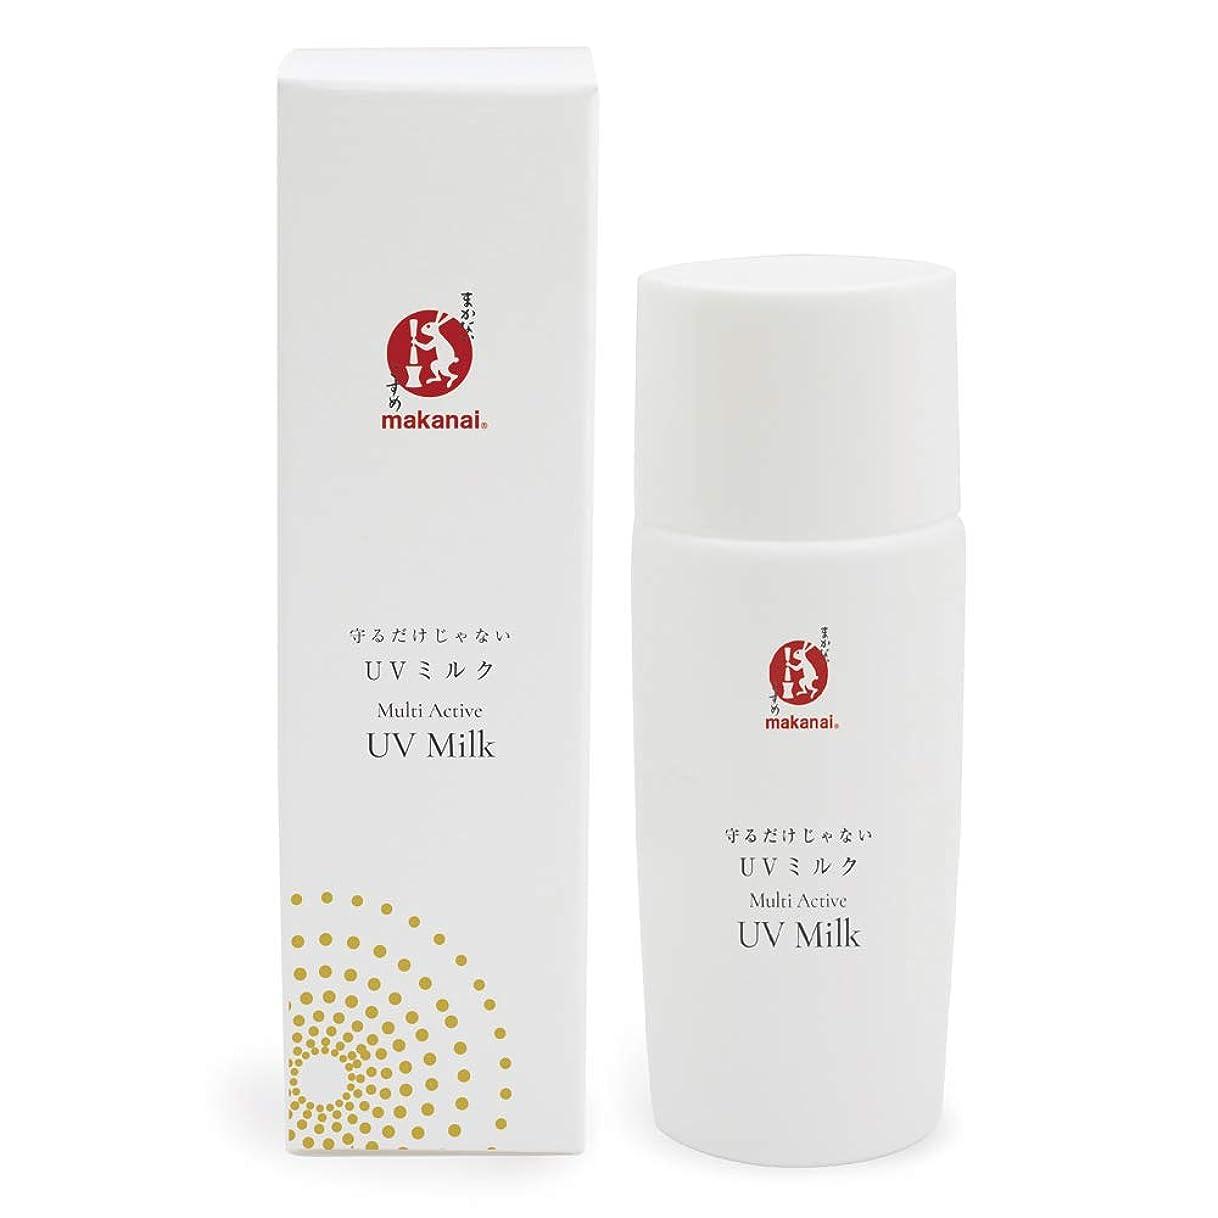 移行再編成する過激派まかないこすめ 守るだけじゃないUVミルク(乳香の香り) SPF50+ PA++++ 50ml